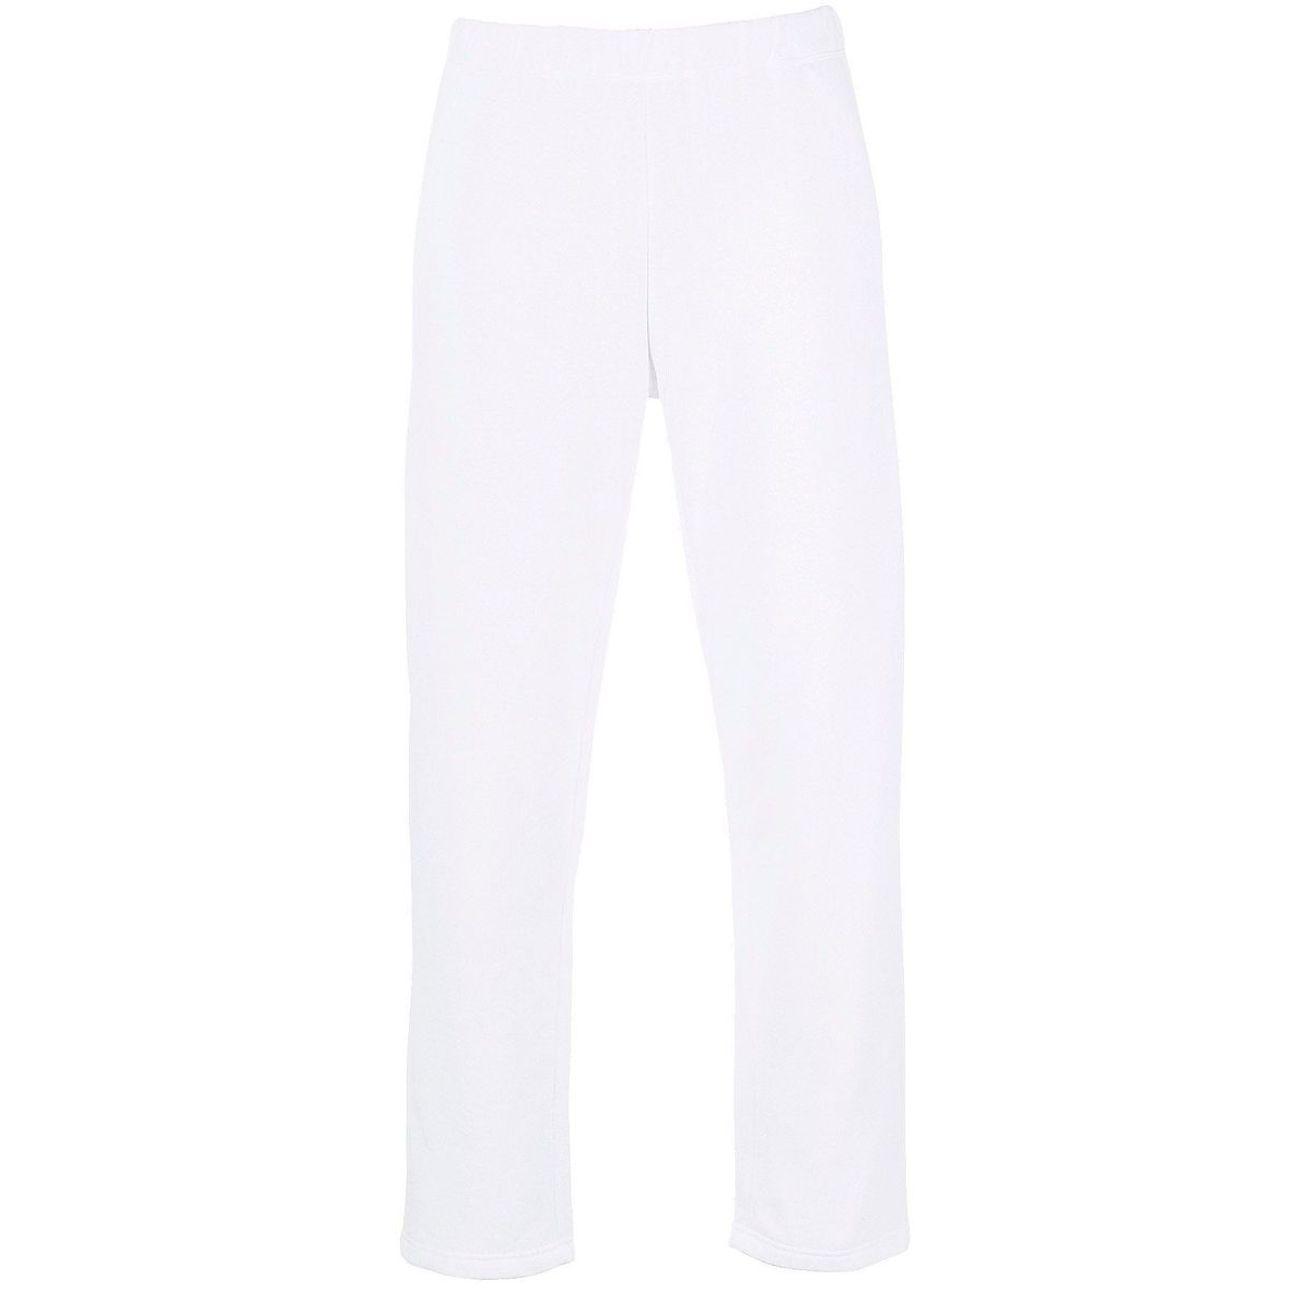 pantalon jogging femme 01172 blanc achat et prix pas cher go sport. Black Bedroom Furniture Sets. Home Design Ideas